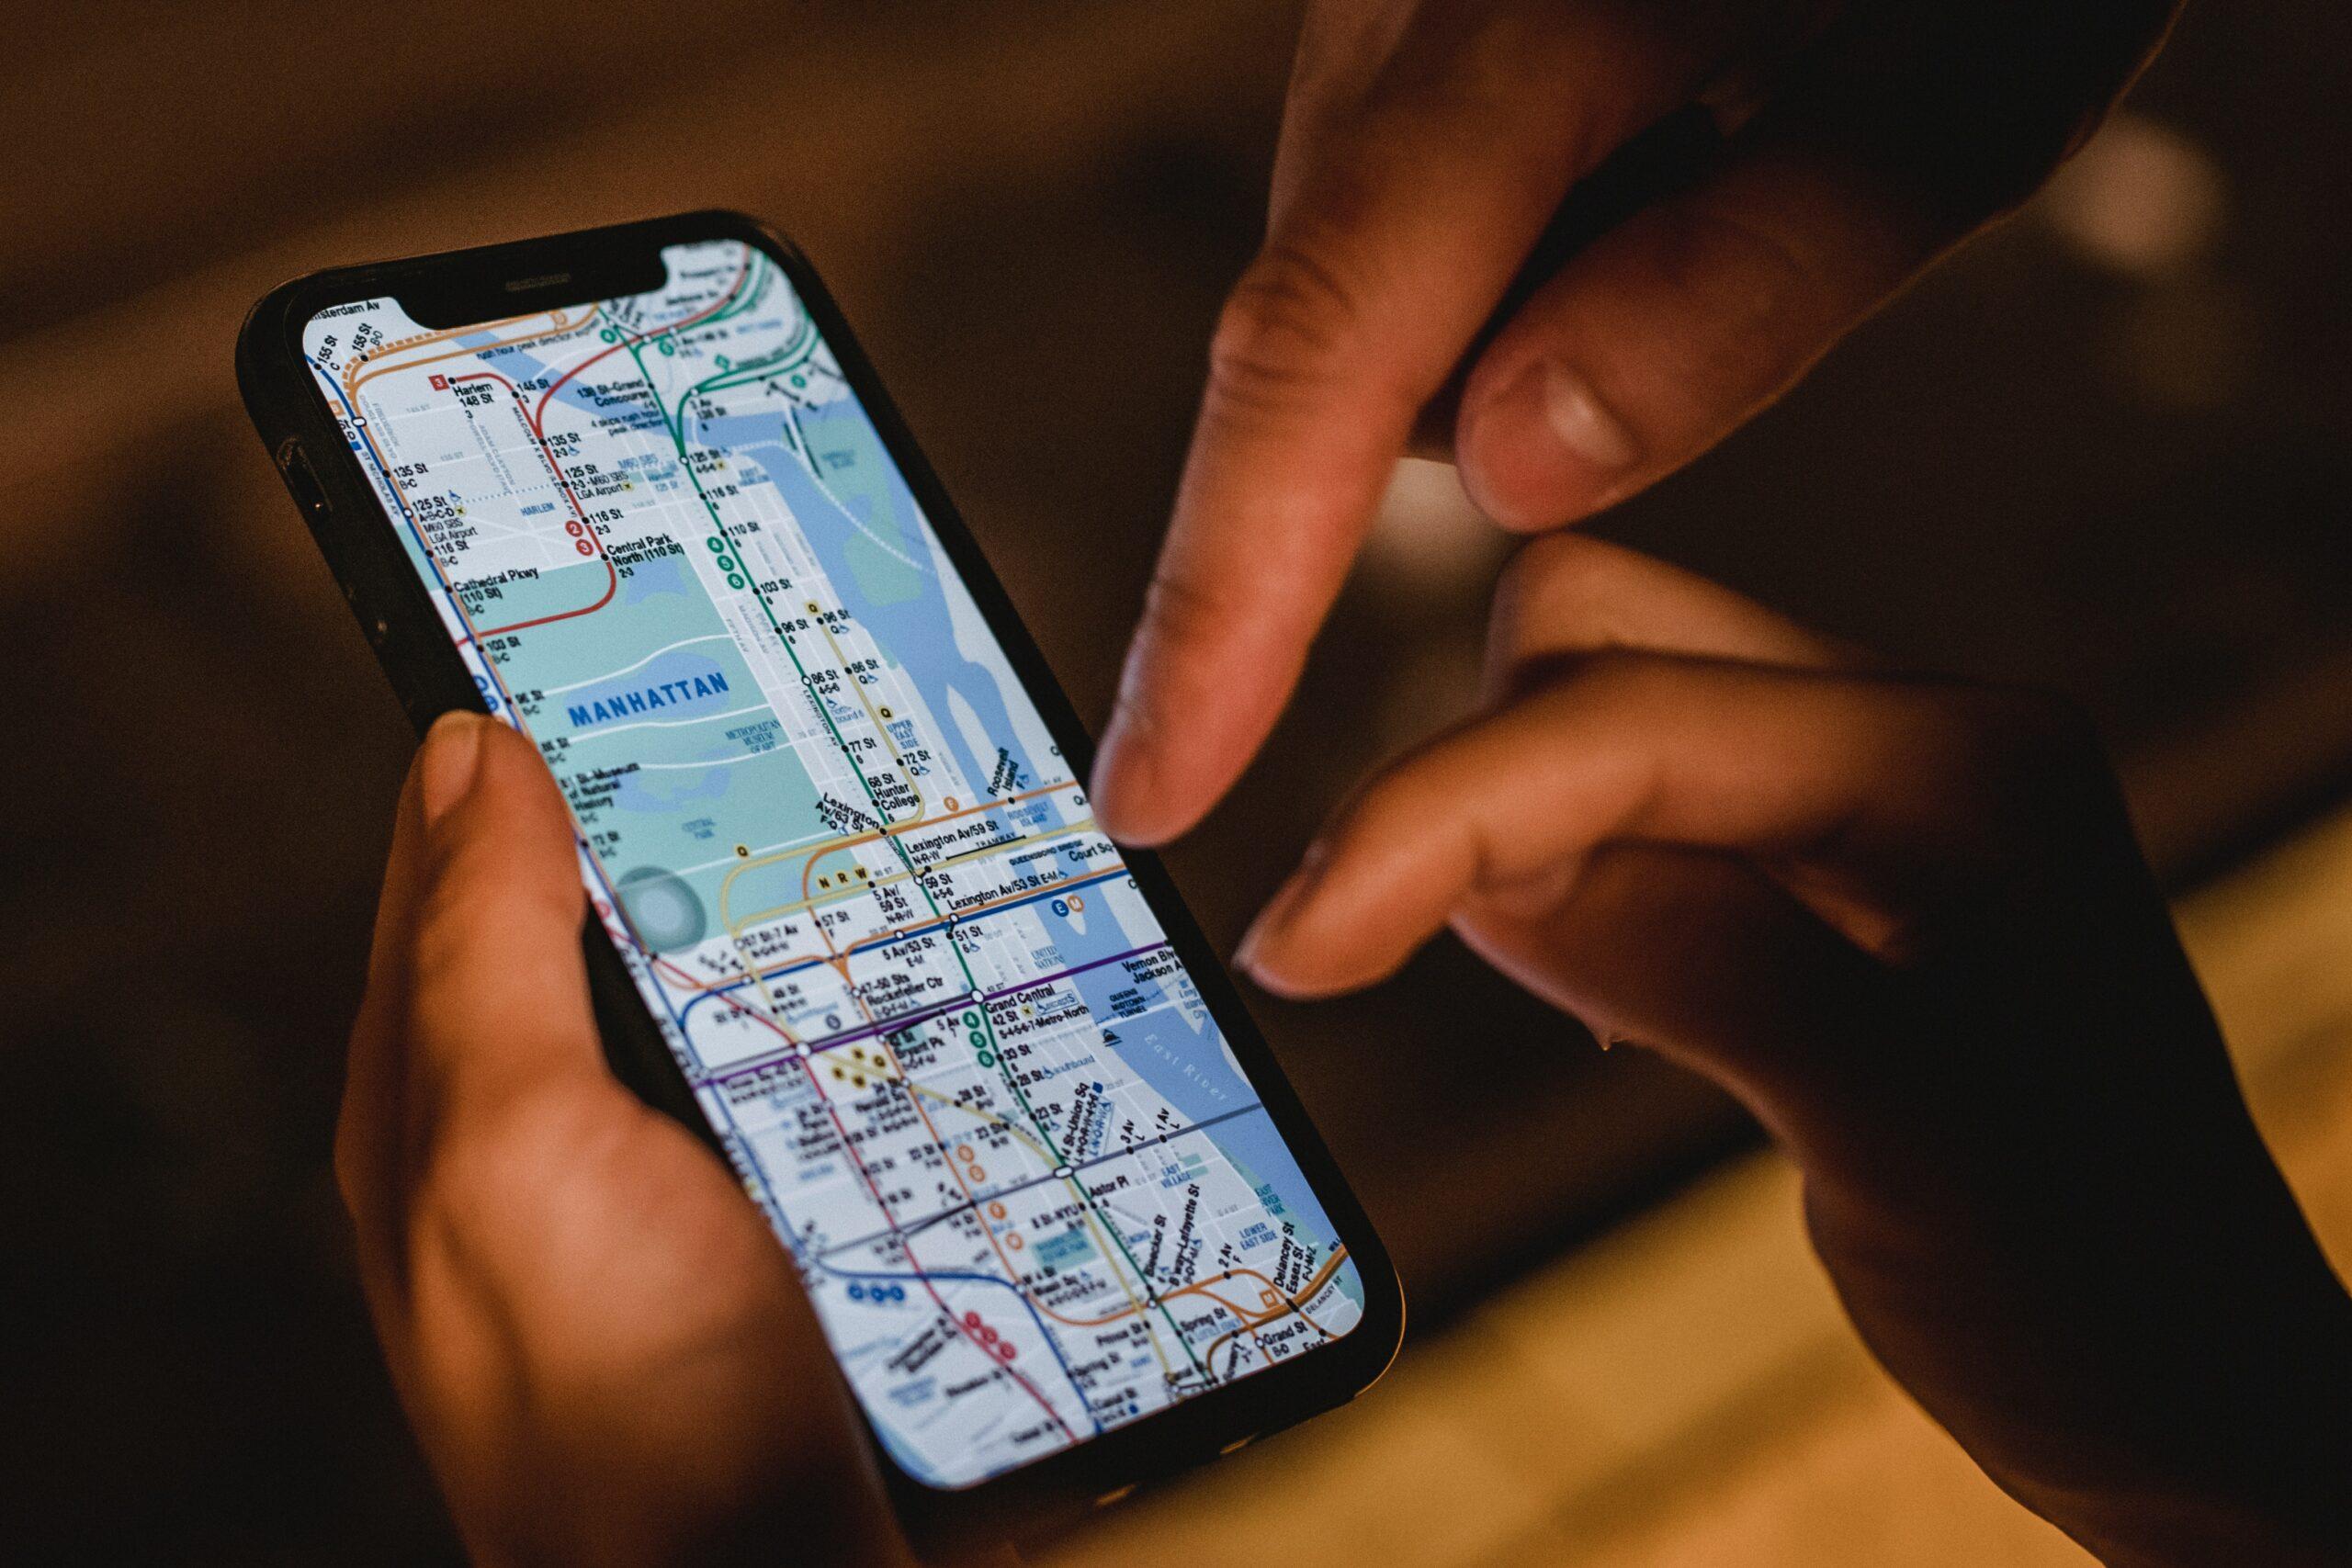 Un smartphone avec une map dessus, représentant une app pour digital nomad